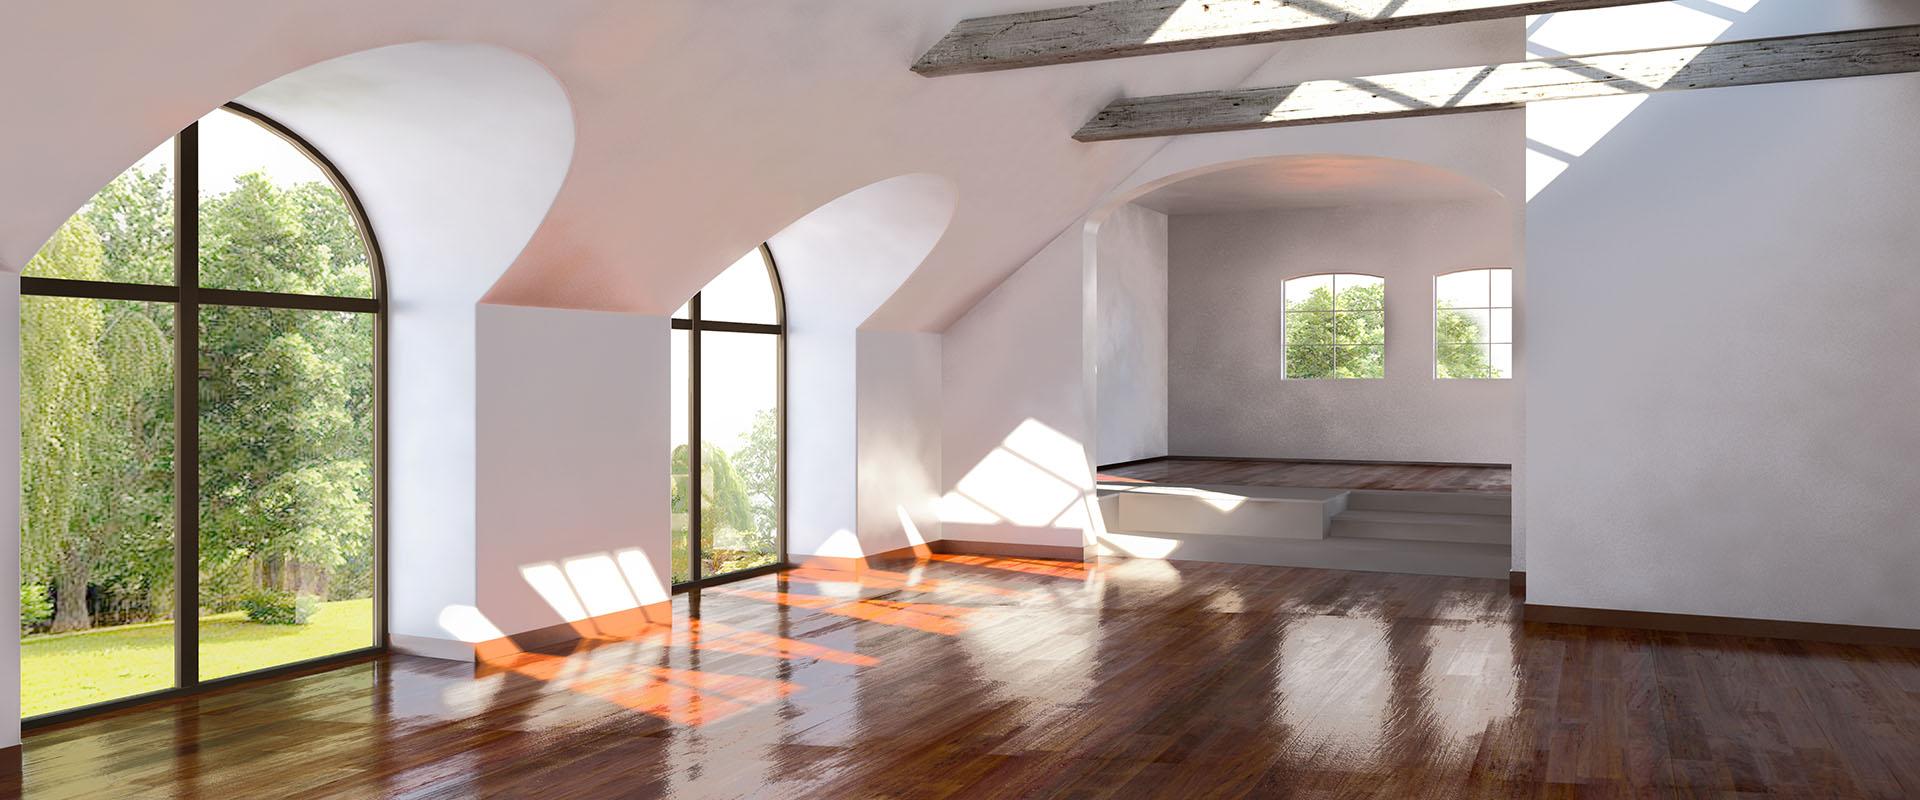 Leere Wohnung mit großen Fenstern